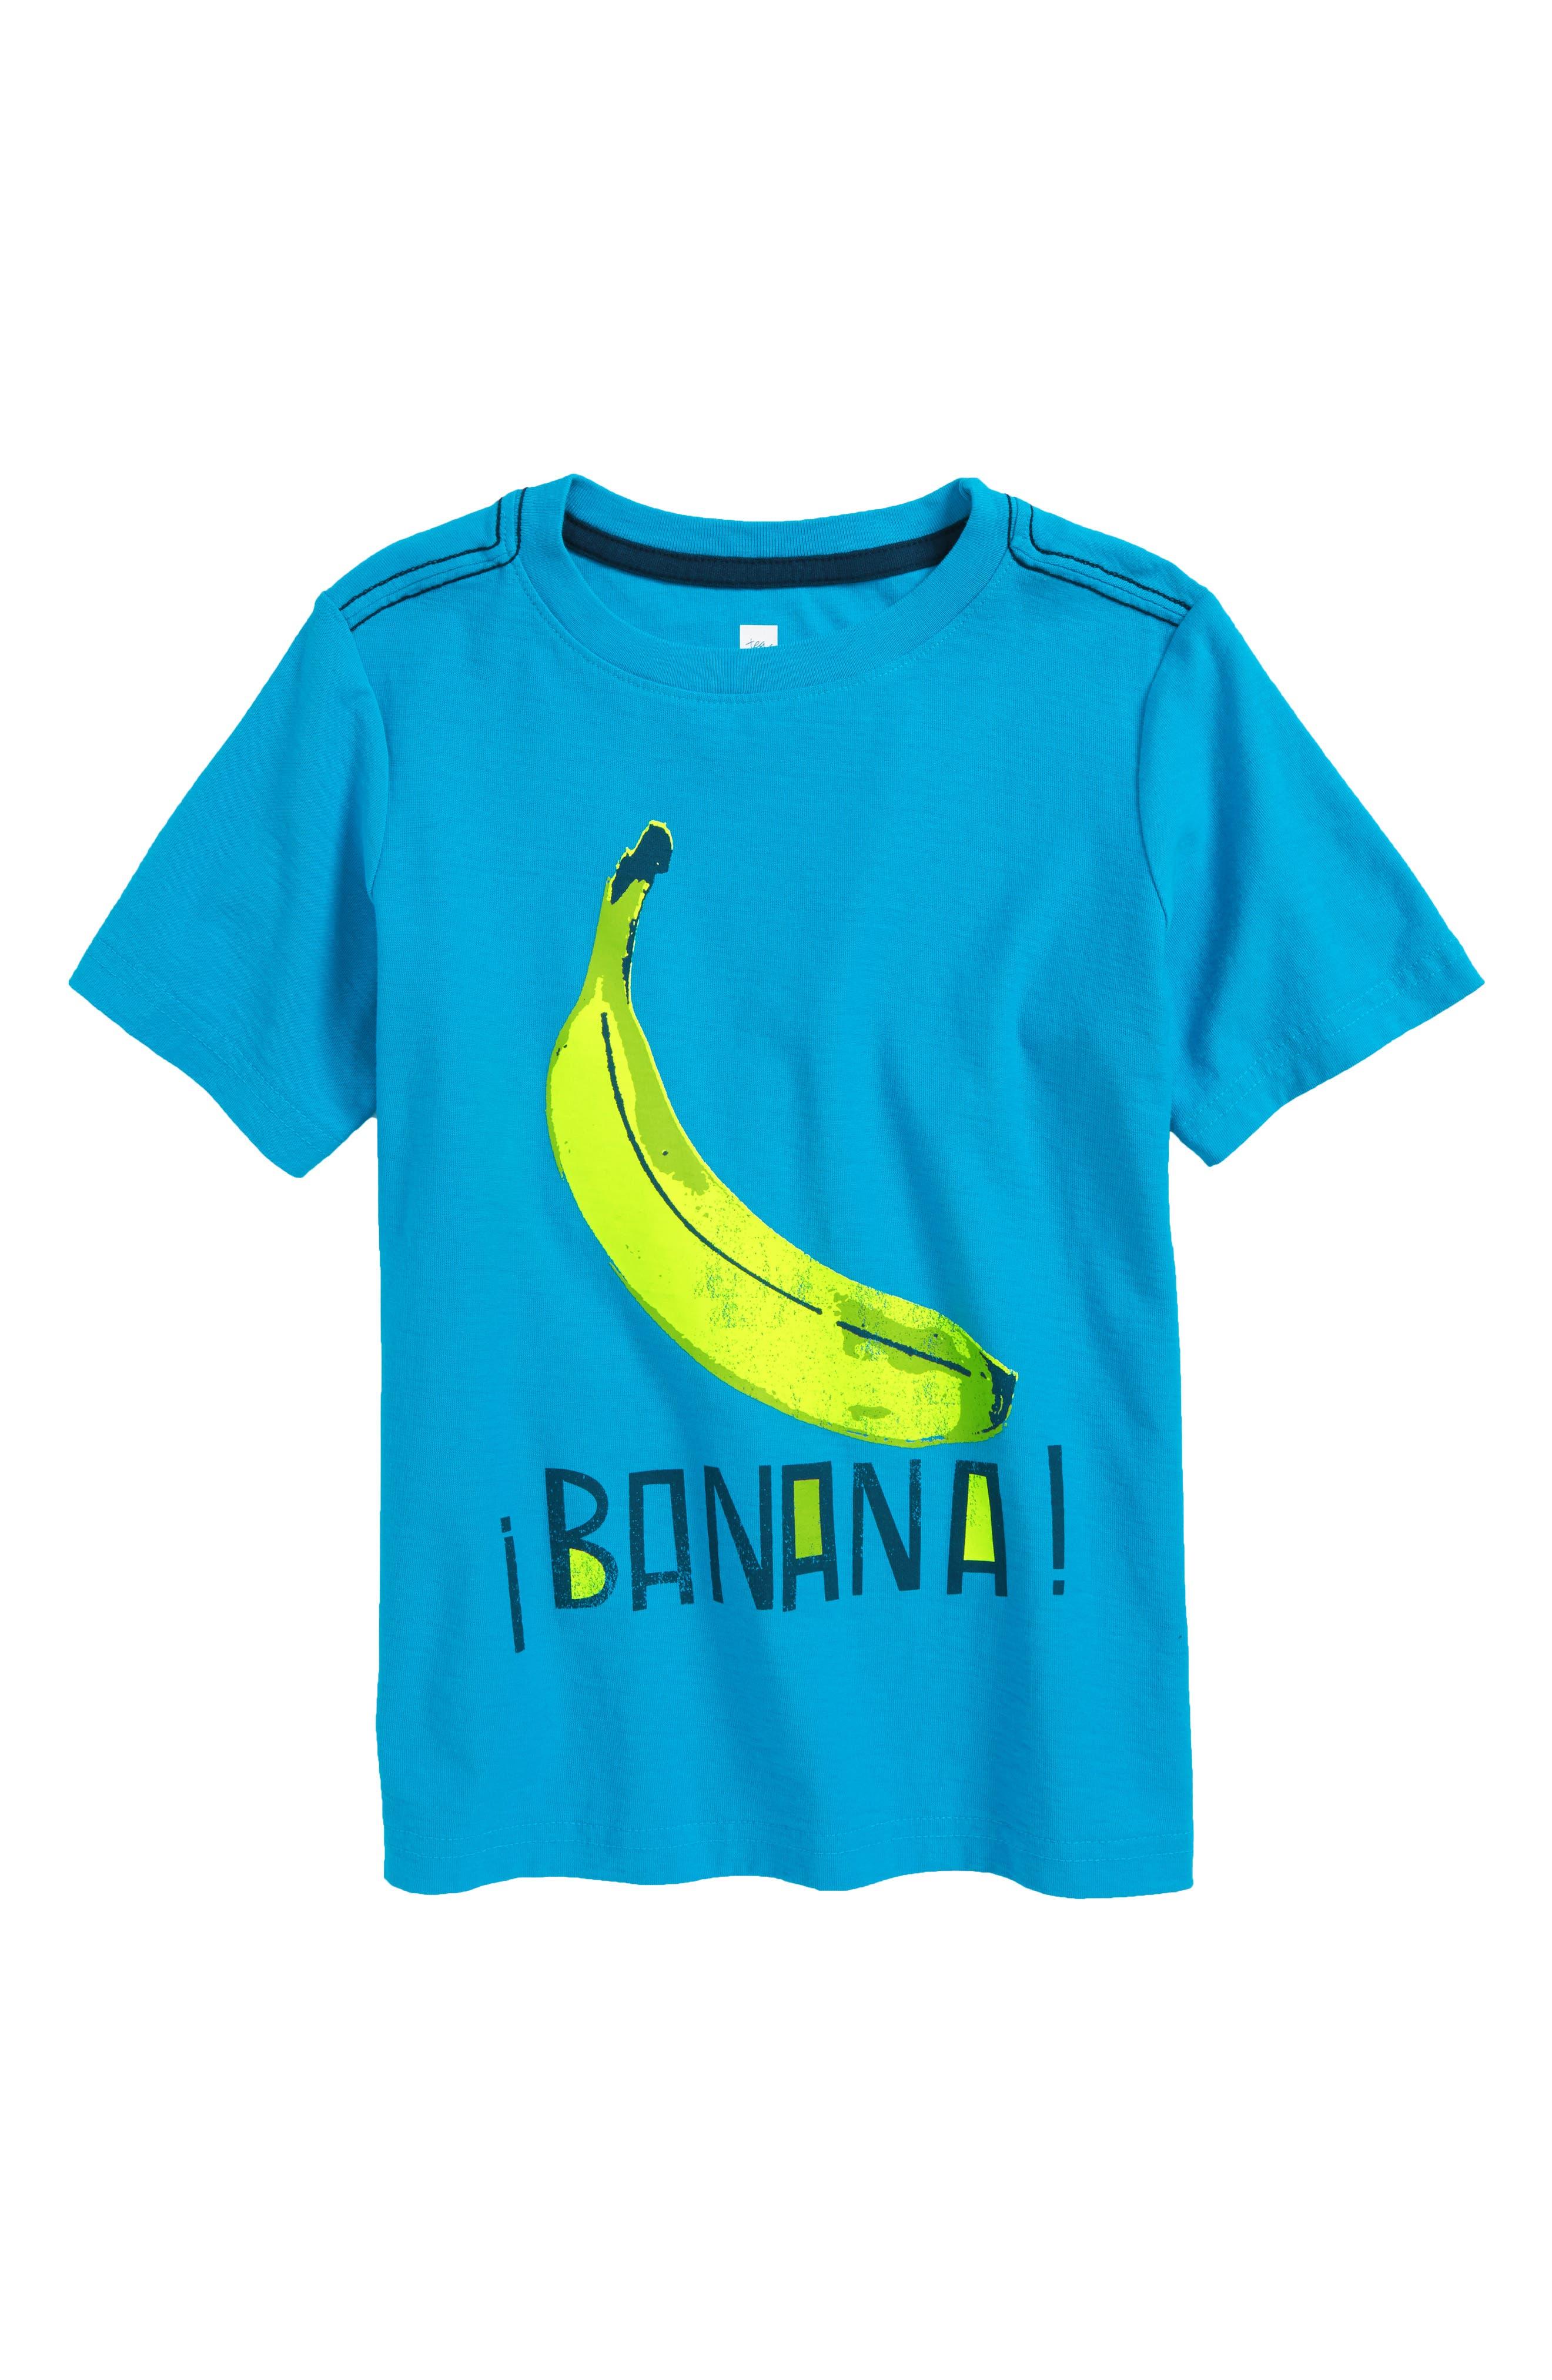 Banana Graphic T-Shirt,                             Main thumbnail 1, color,                             475